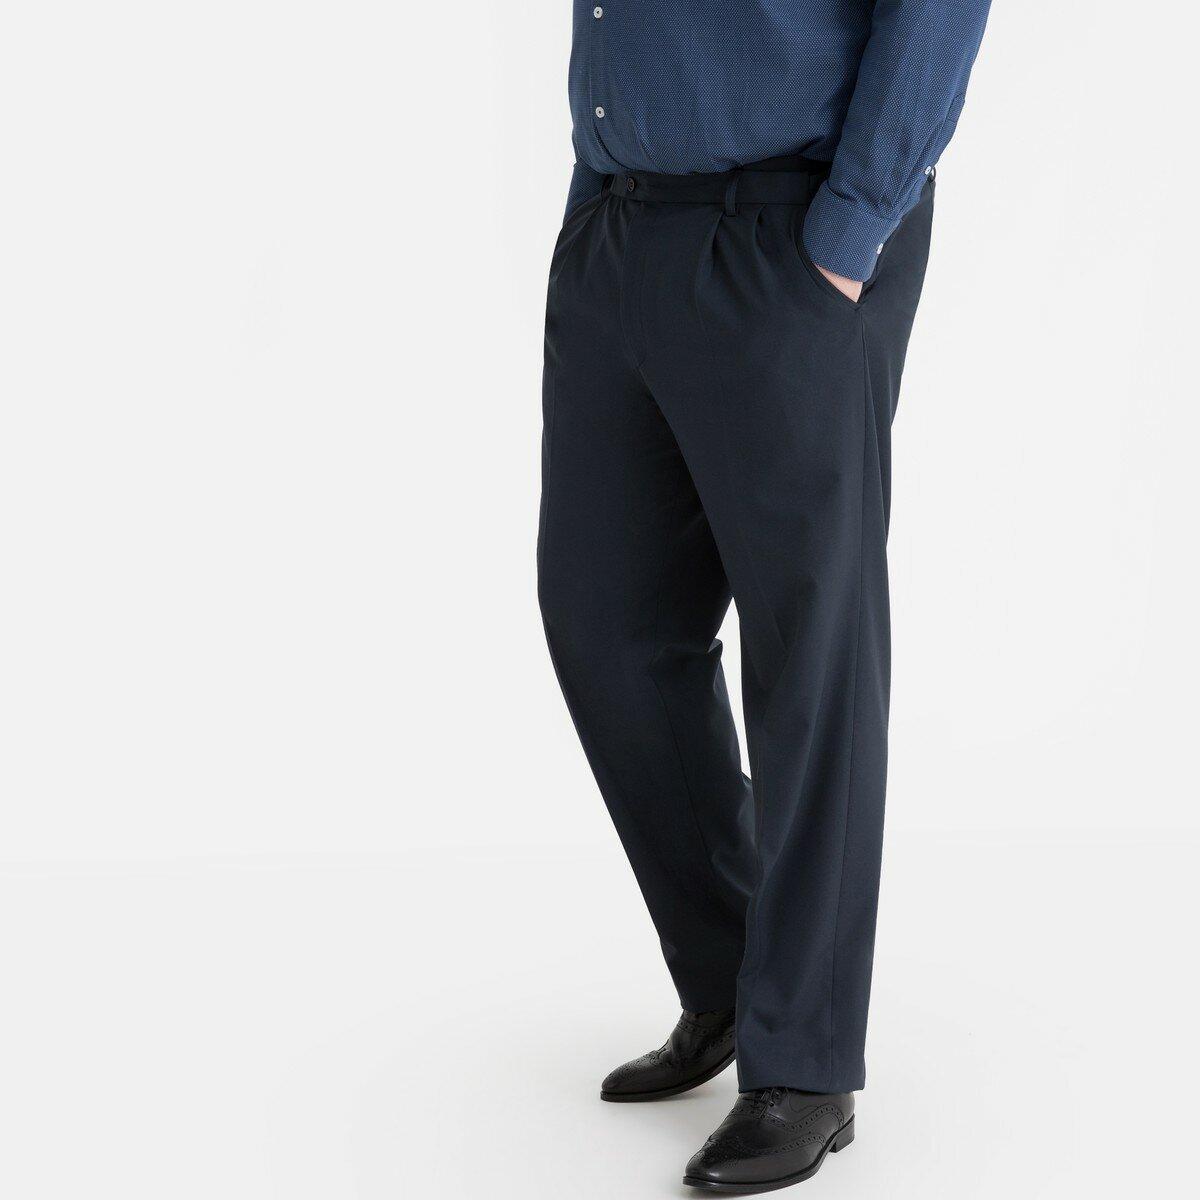 Брюки La Redoute От костюма с защипами из ткани стретч длина